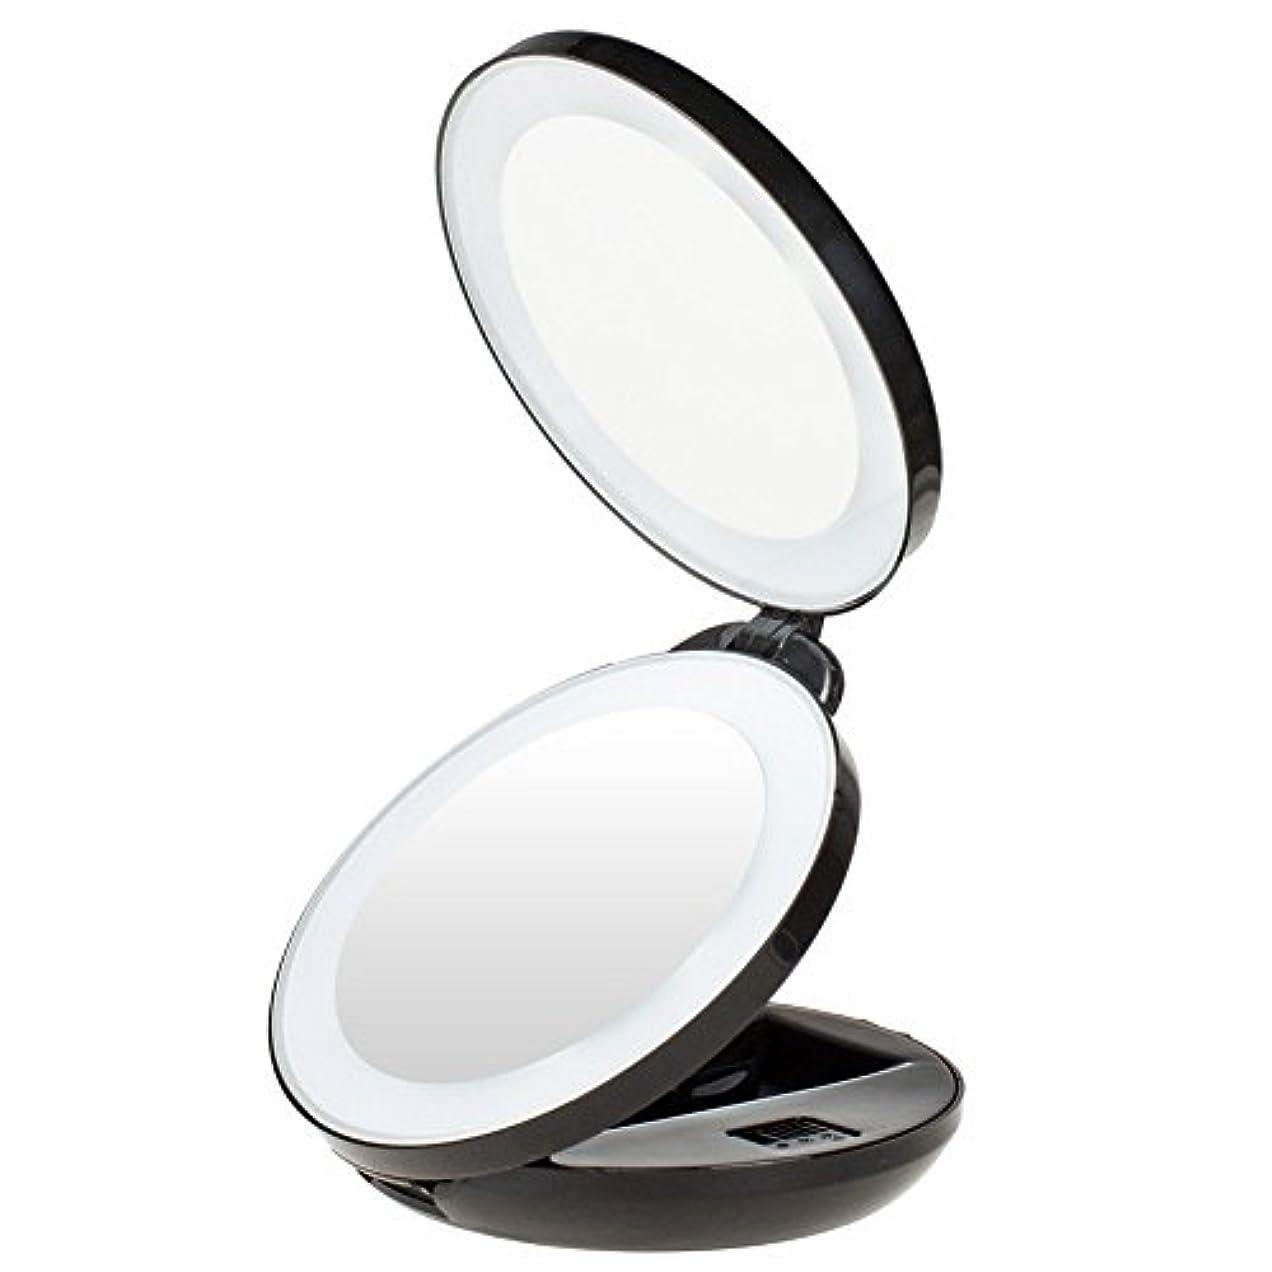 ポーターテキスト平和なKEDSUM 手鏡 両面化粧鏡 コンパクトミラー LED化粧鏡 等倍鏡+10倍拡大鏡 LEDミラー 角度調整 折り畳み 丸型 おしゃれ ハンド 携帯ミラー 旅行ミラー 女優ミラー